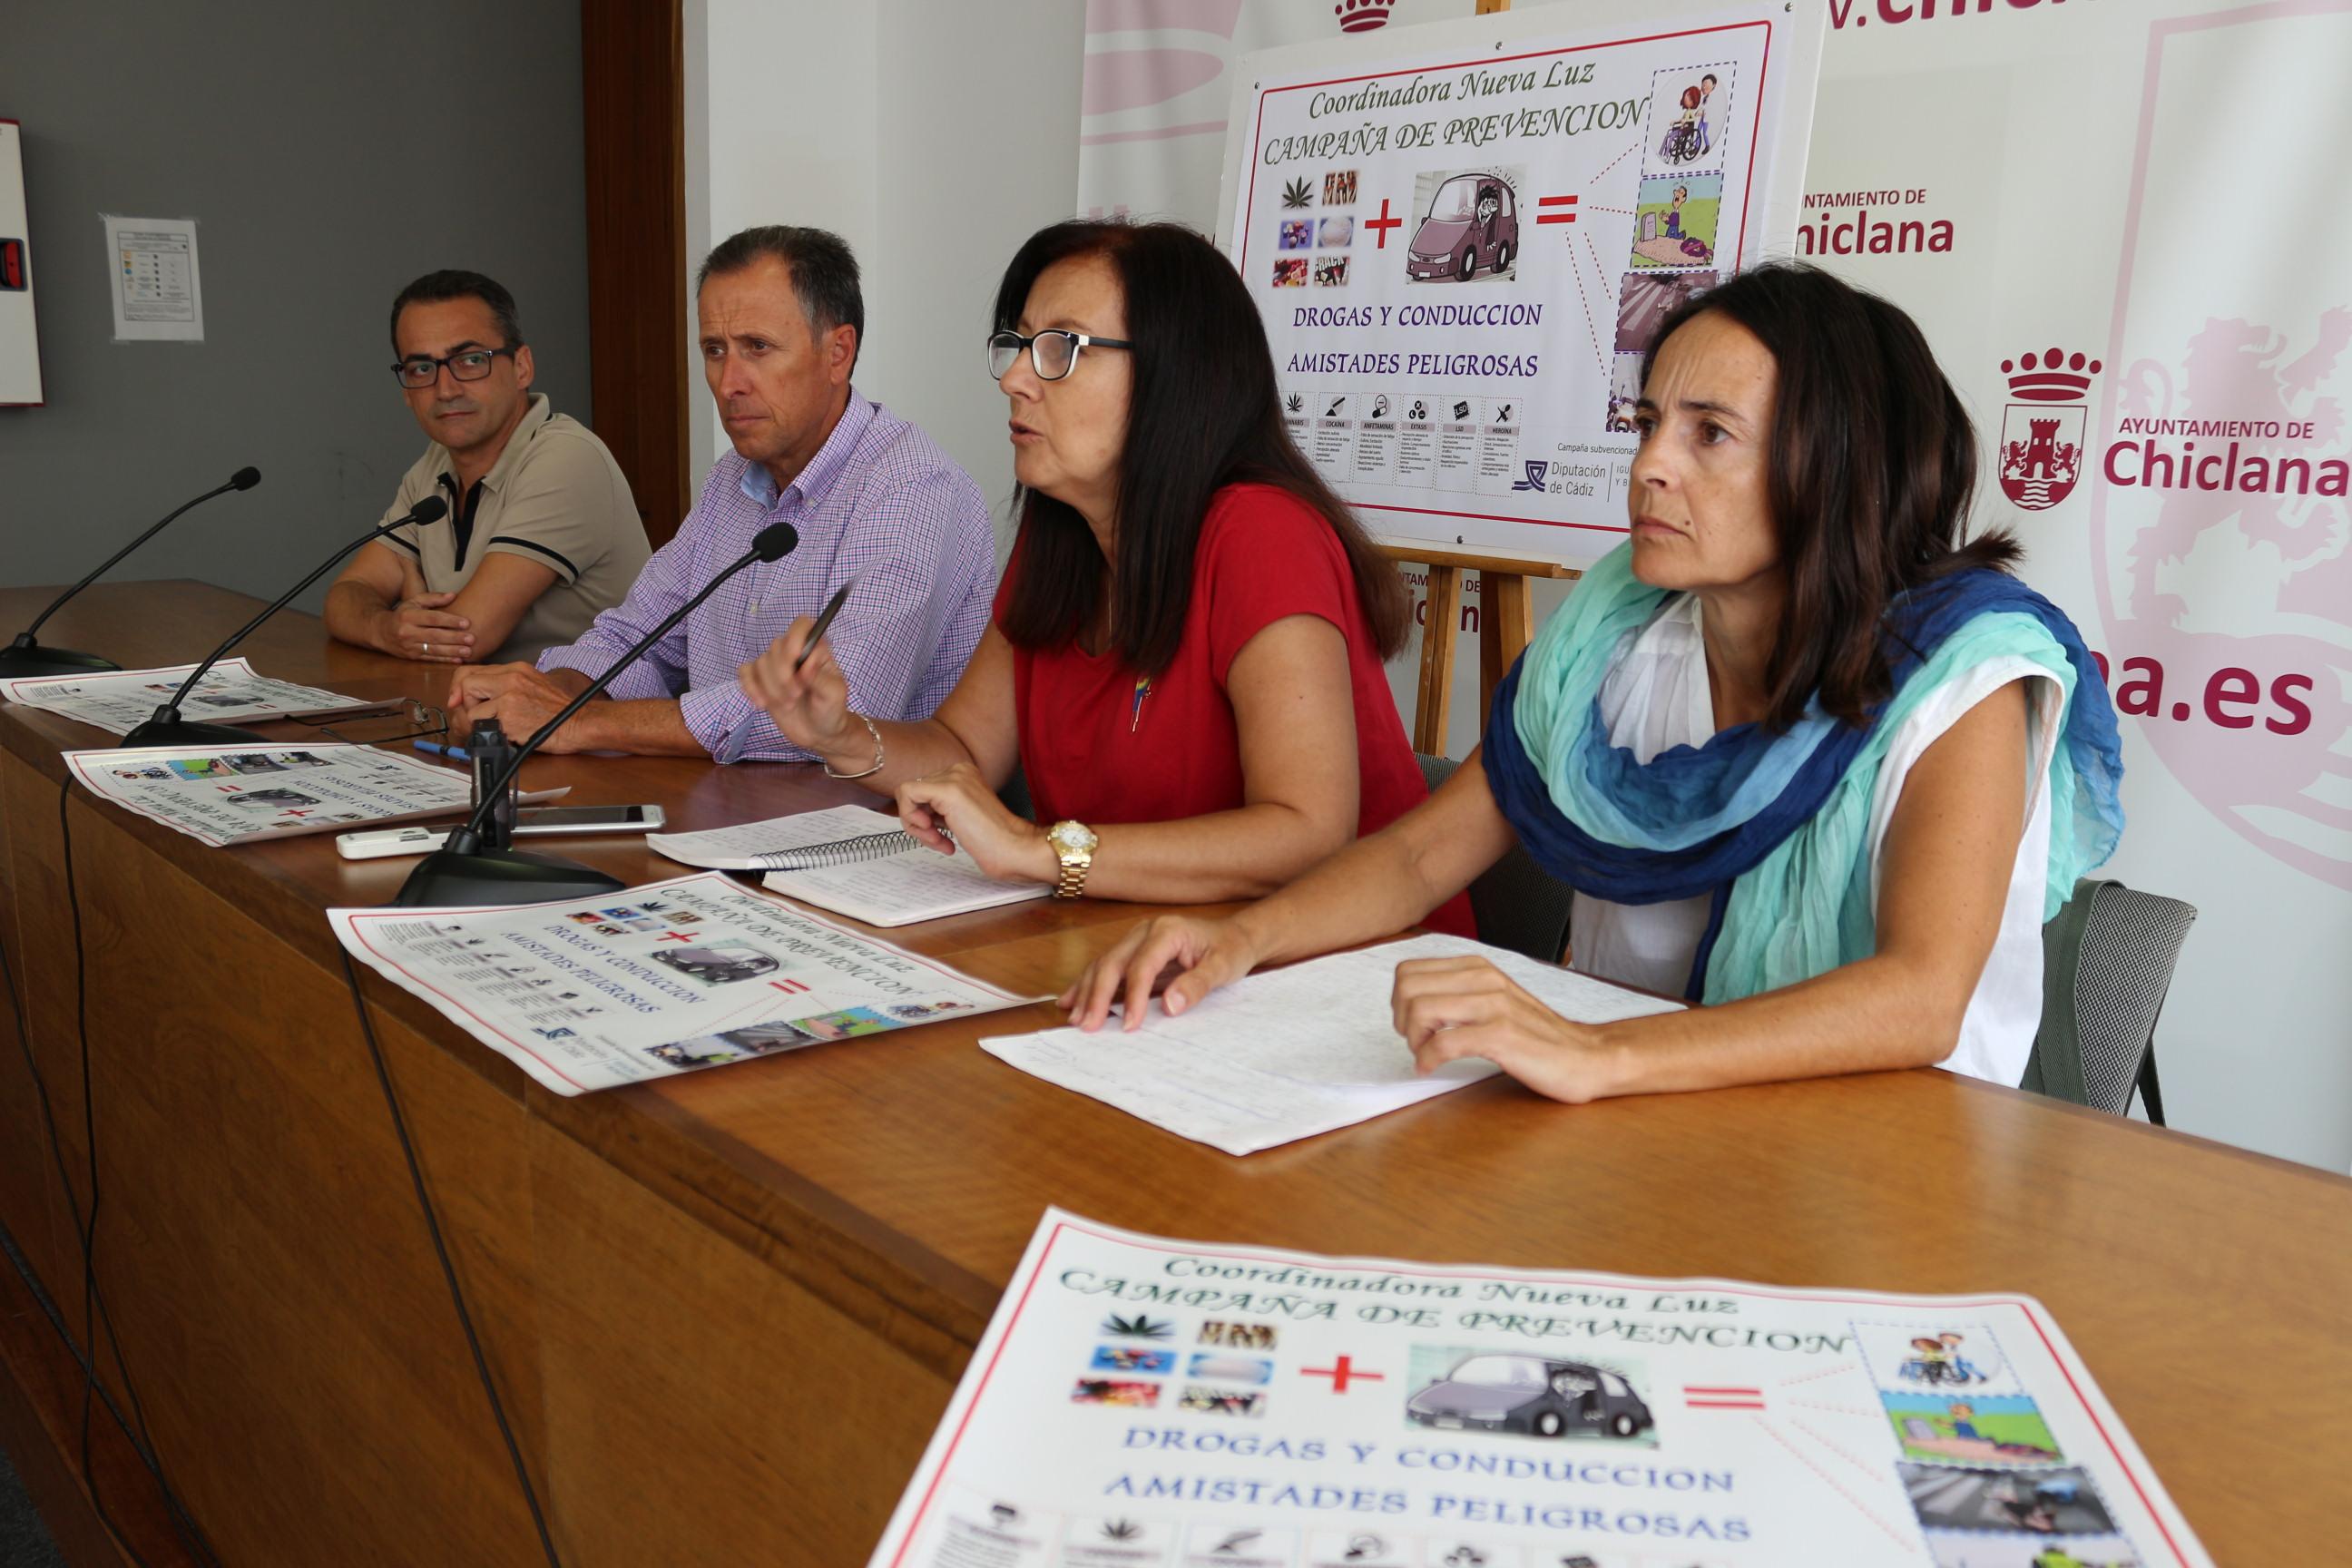 Rueda de prensa de la presentación de la campaña, en la que aparecen el alcalde, el delegado de Drogodependencias y las representantes de Nueva Luz